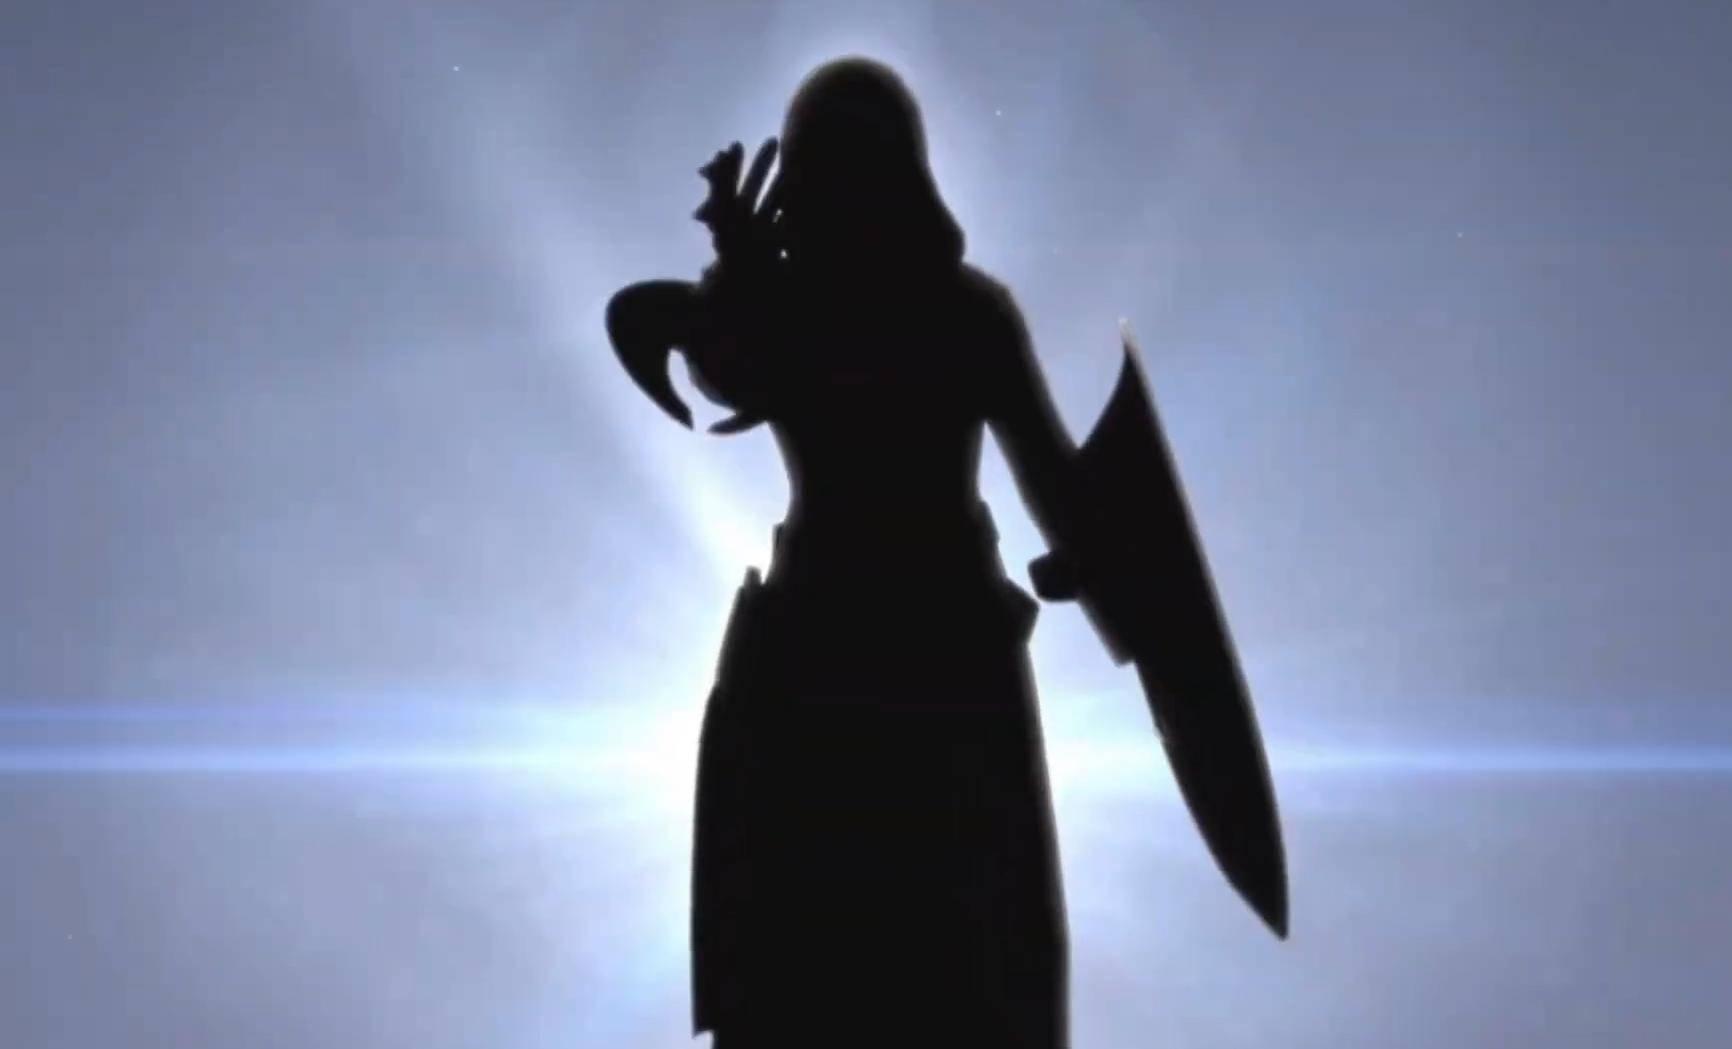 FGO更新新章节:带盾持剑的黑影从者动作暴露其身份